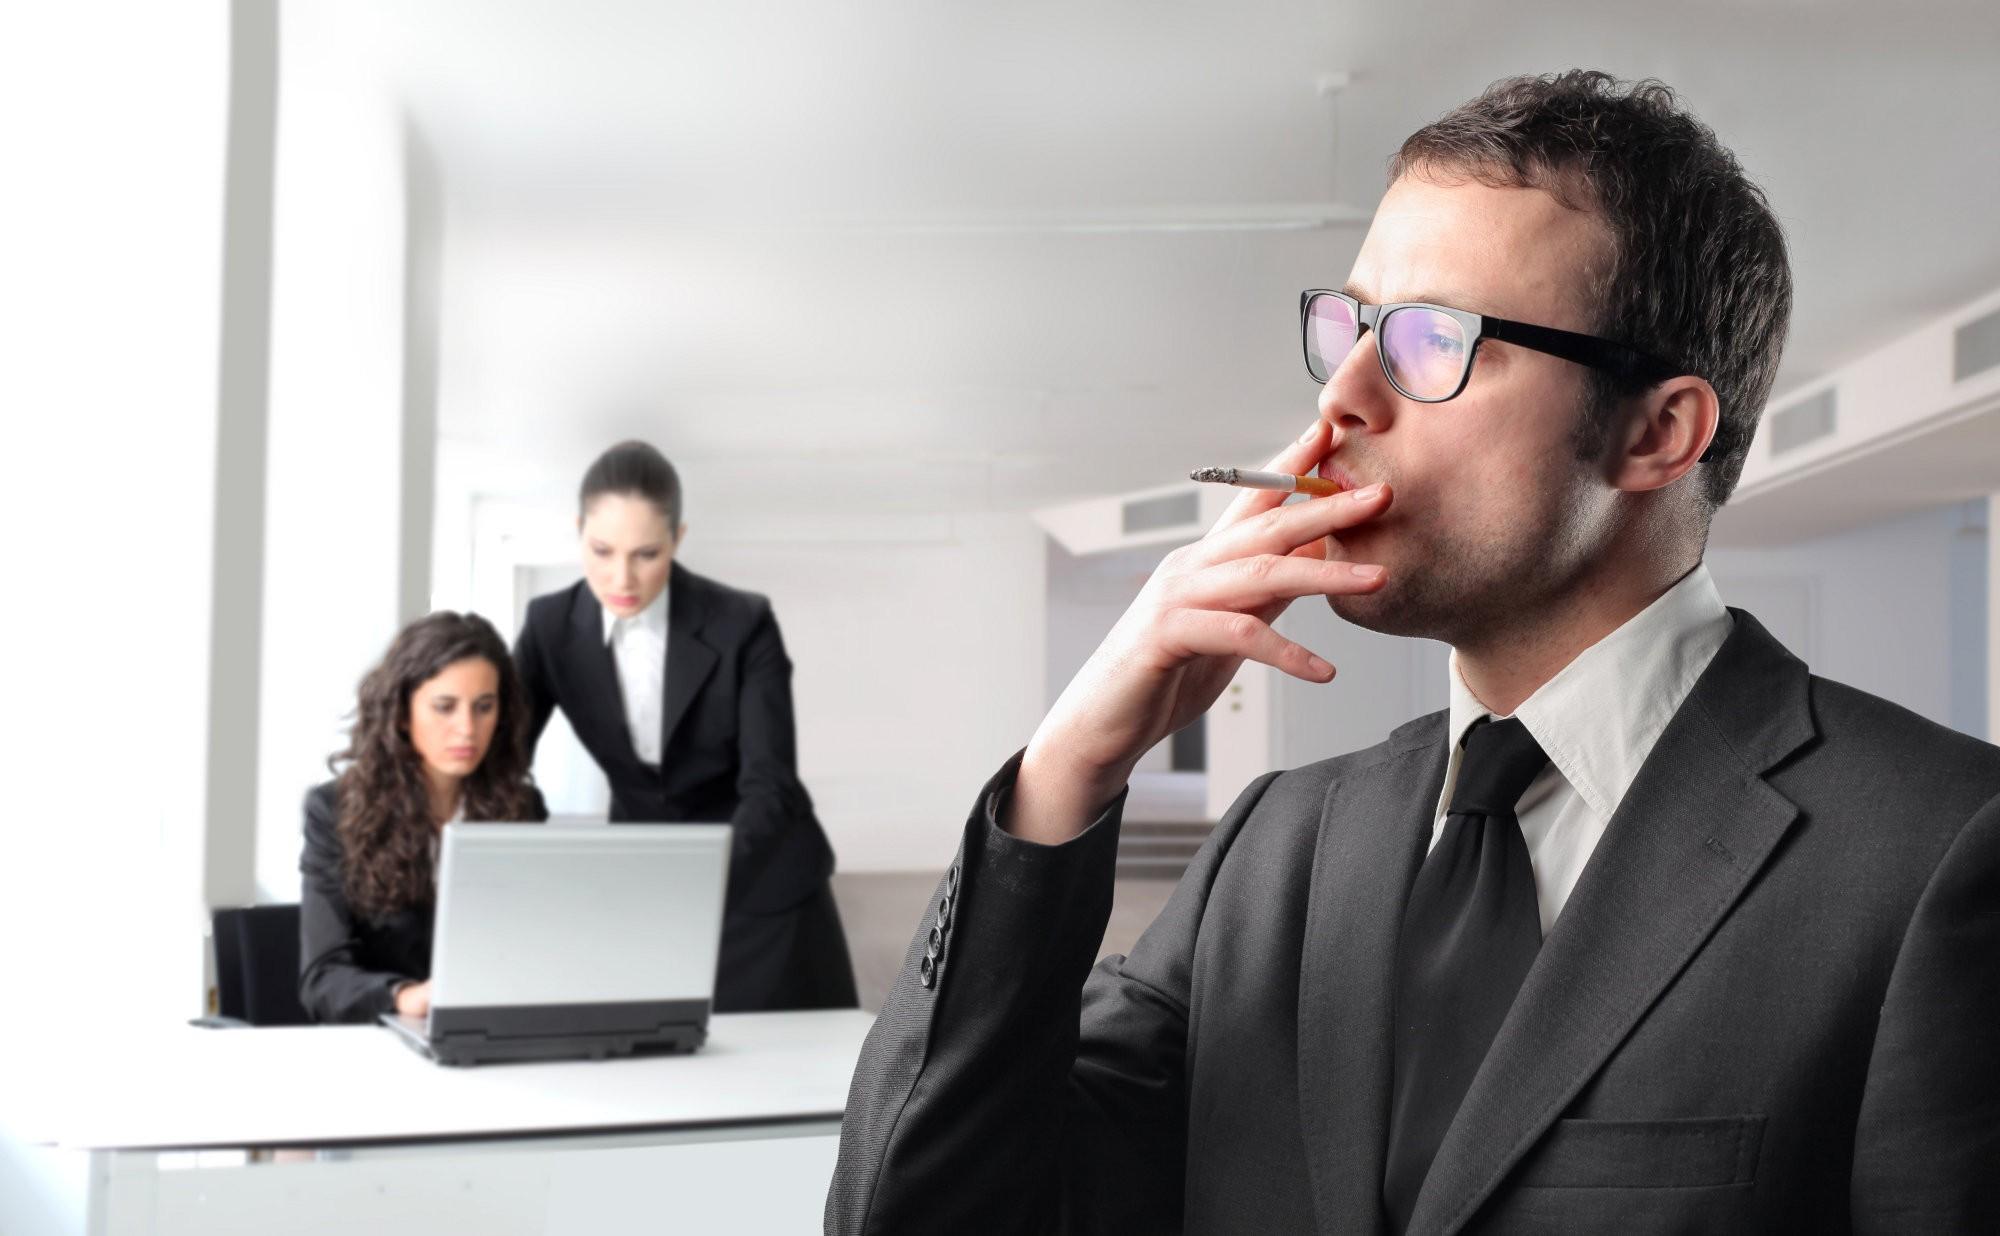 Специалисты: Активные курильщики растрачивают на«перекуры» около 2 месяцев вгод